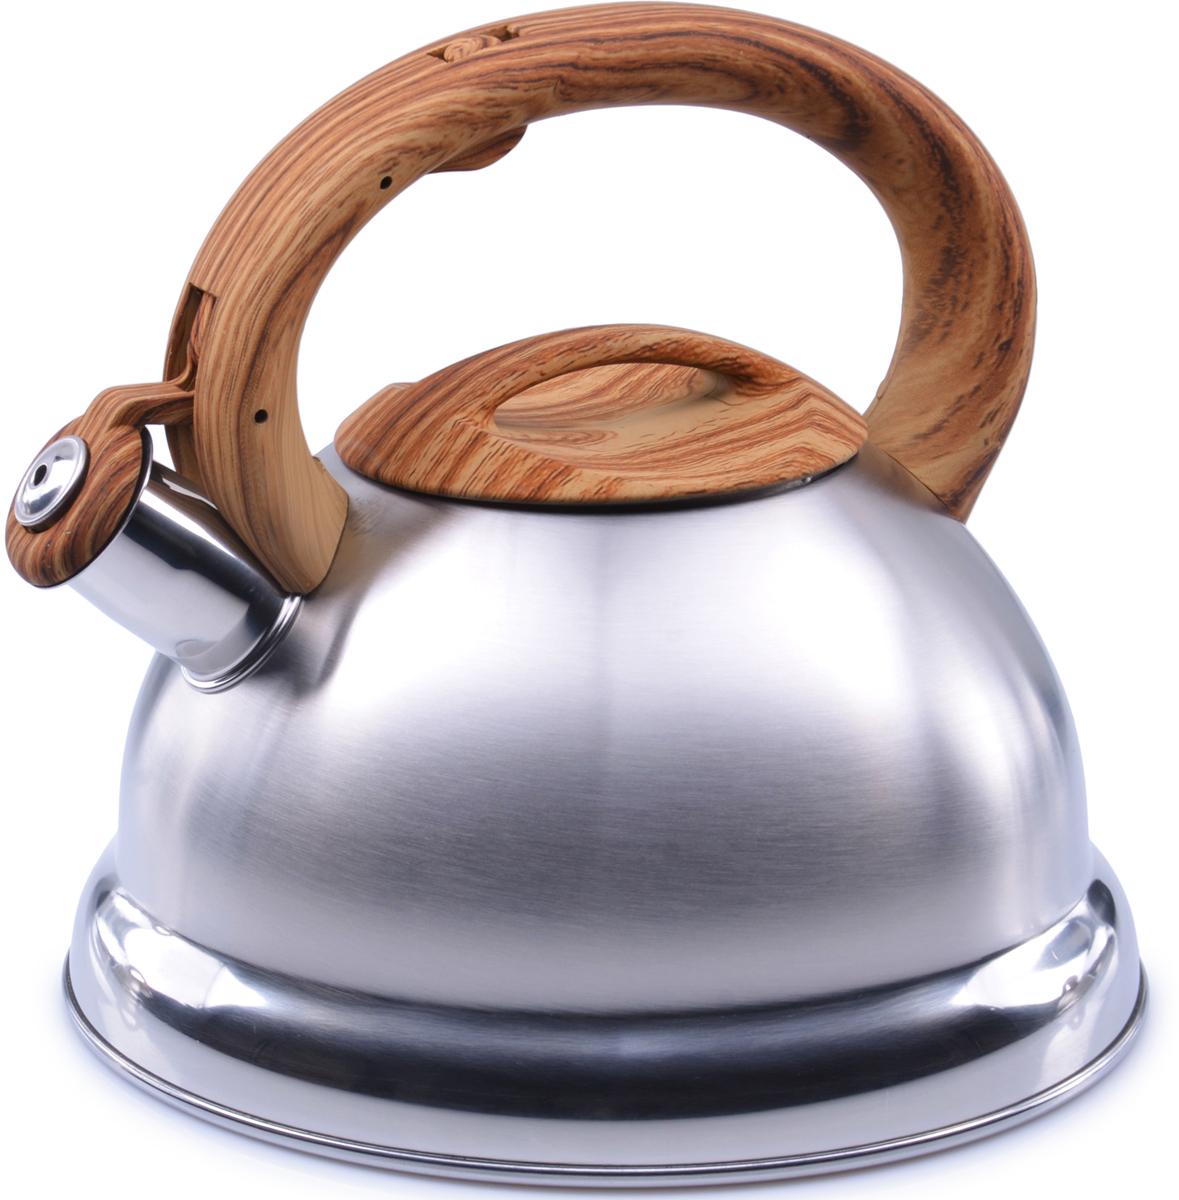 Чайник MAYER&BOCH изготовлен из высококачественной нержавеющей стали (CrNi 18/10). Изделия из нержавеющей стали не окисляются и не впитывают запахи, благодаря чему вы всегда получите натуральный, насыщенный вкус и аромат напитков. Капсулированное дно с прослойкой из алюминия обеспечивает наилучшее распределение тепла. Фиксированная эргономичная ручка выполнена из бакелита, также на ручке расположена клавиша механизма открывания носика. Носик чайника оснащен насадкой-свистком, который позволяет контролировать процесс кипячения или подогрева воды. Поверхность чайника гладкая, что облегчает уход за ним. Эстетичный и функциональный, с современным дизайном, чайник будет замечательно смотреться на любой кухне. Подходит для использования на всех типах плит, включая индукционные. Подходит для мытья в посудомоечной машине.